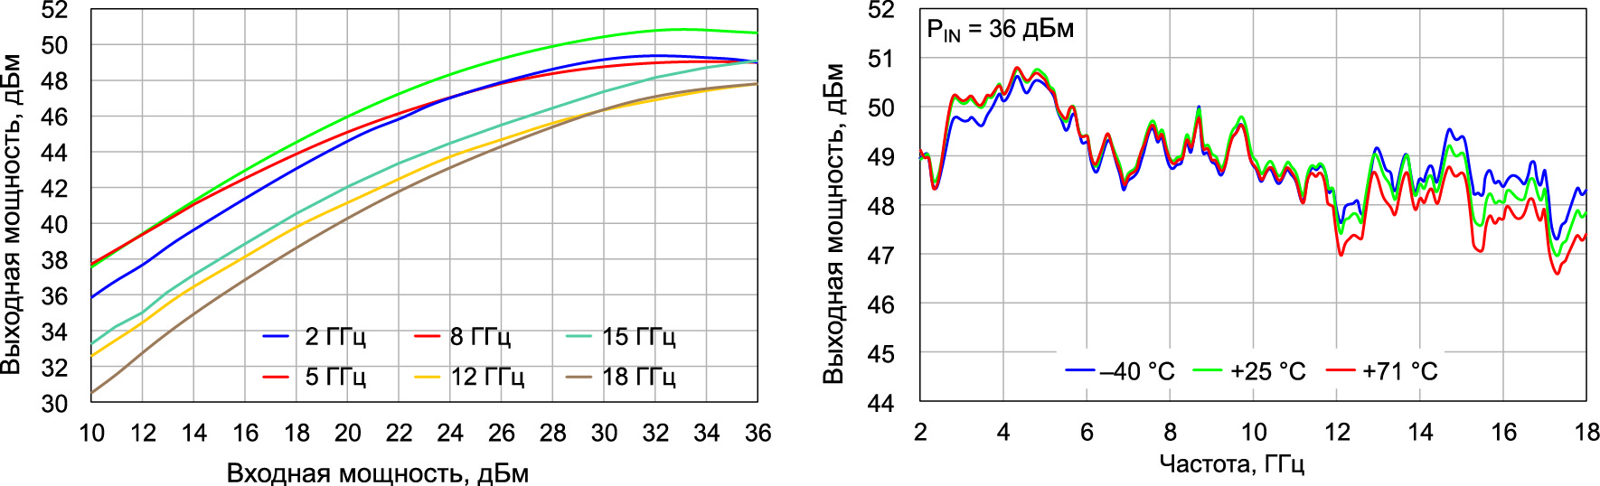 Зависимость выходной мощности усилителя QPB1000 от входной